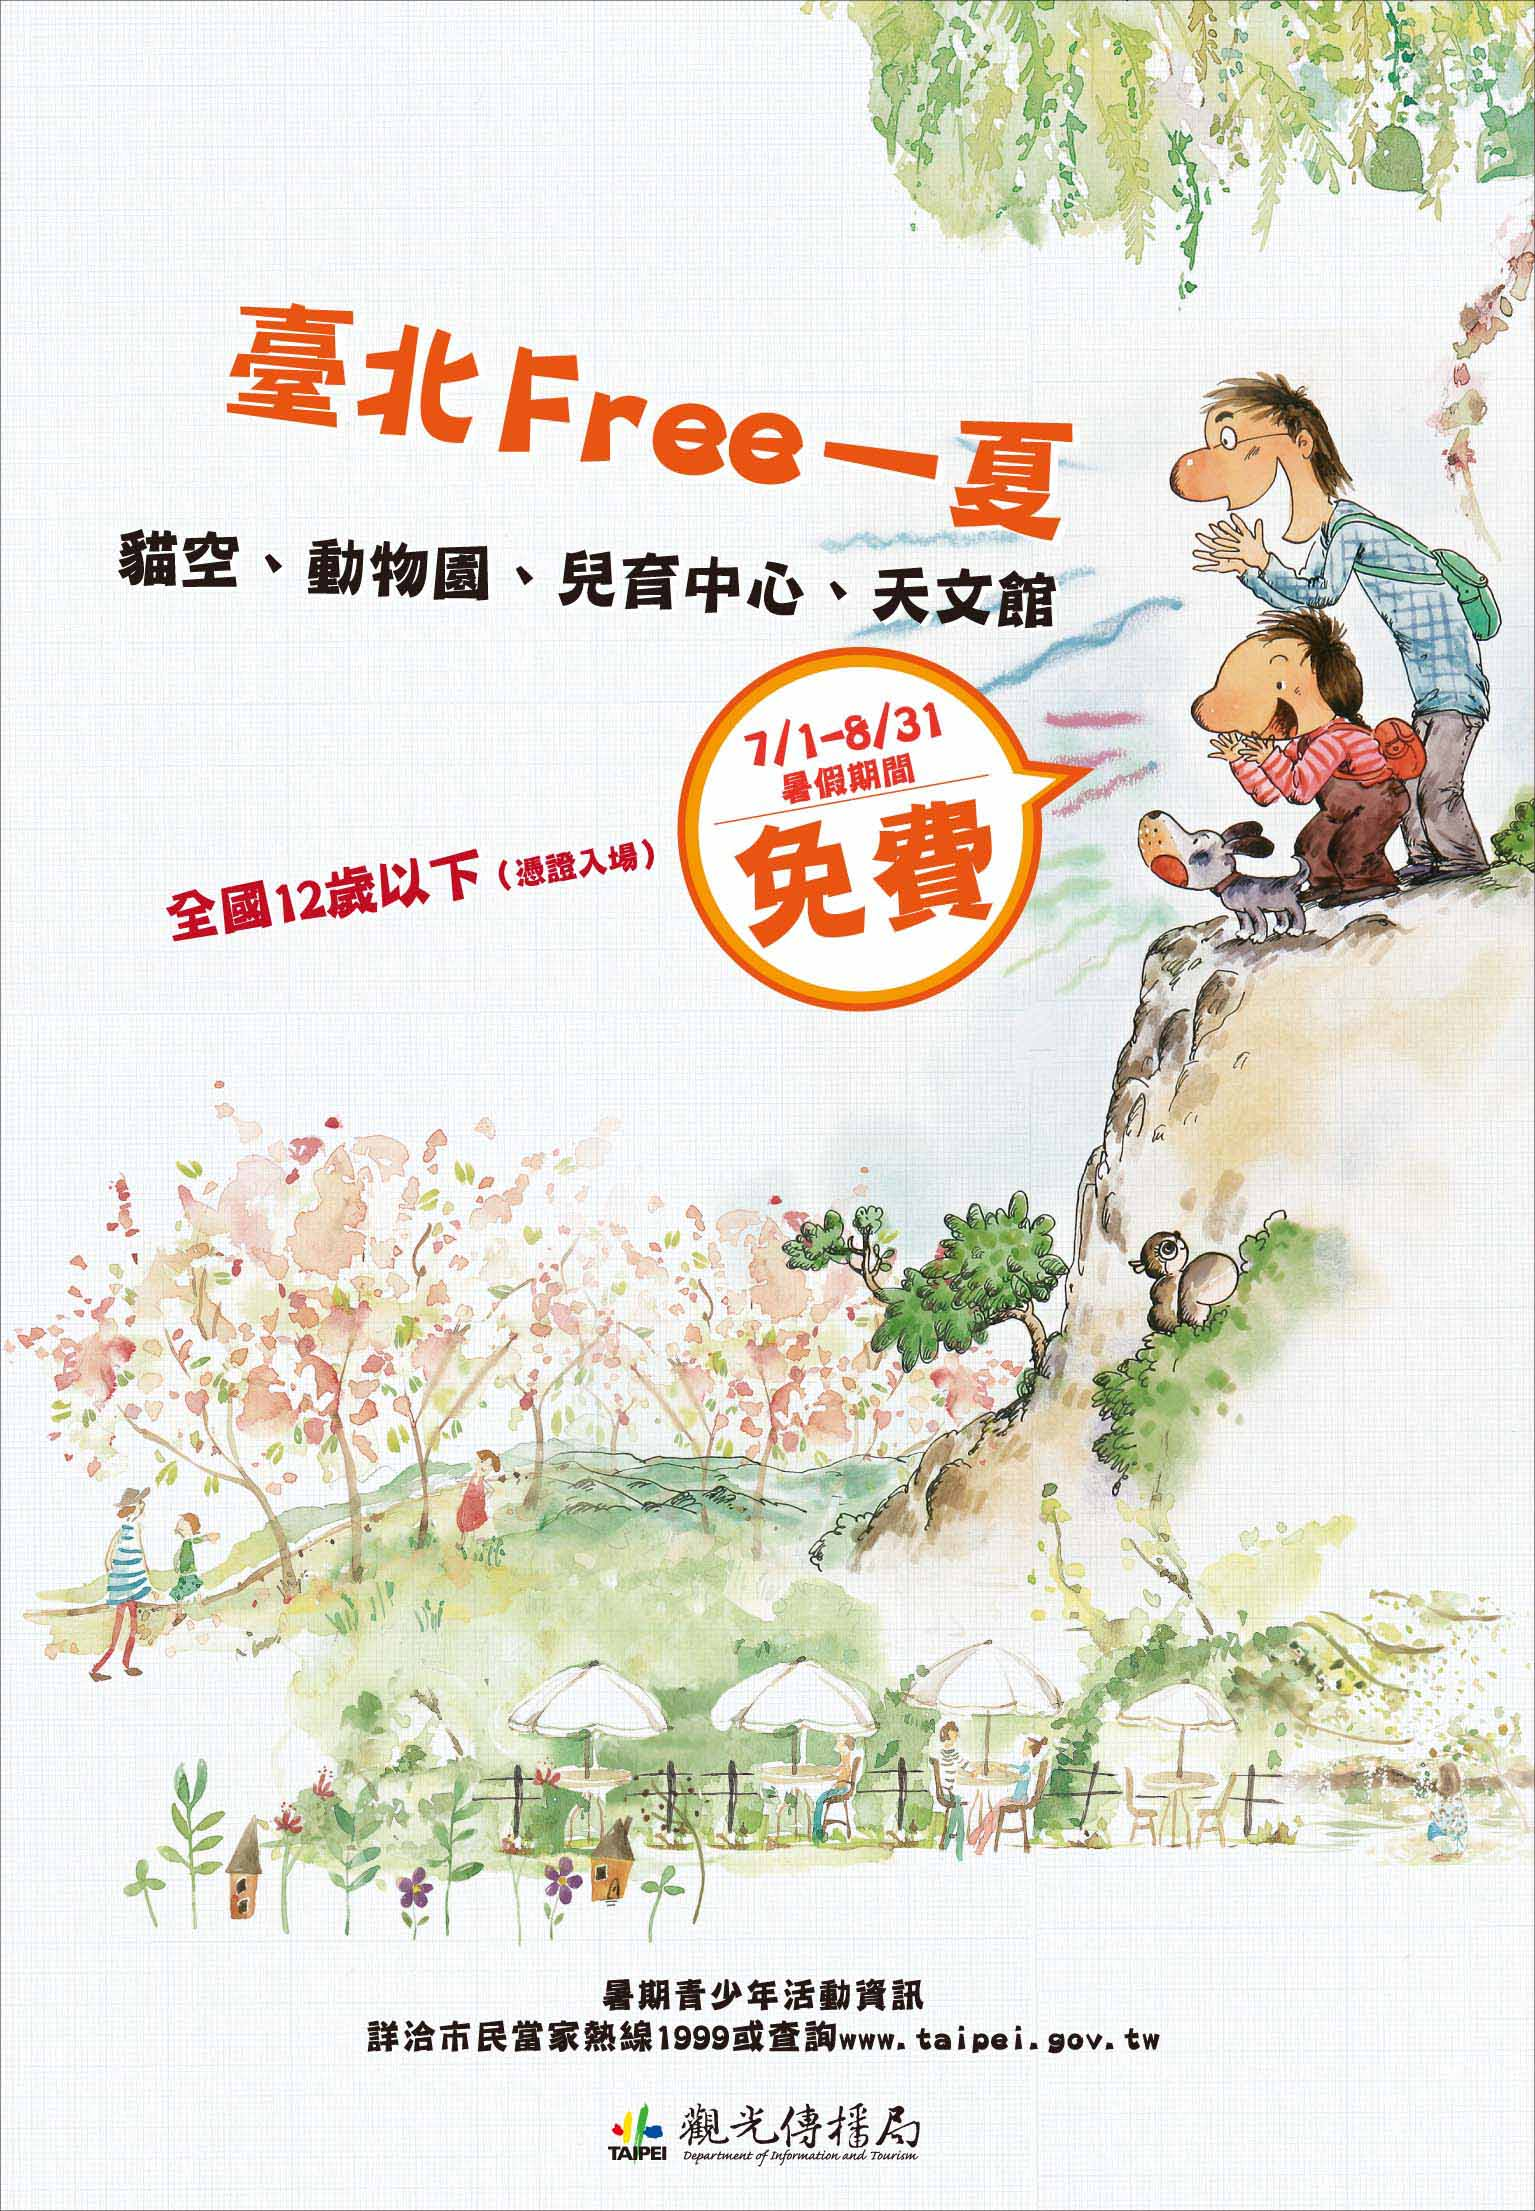 臺北Free一夏